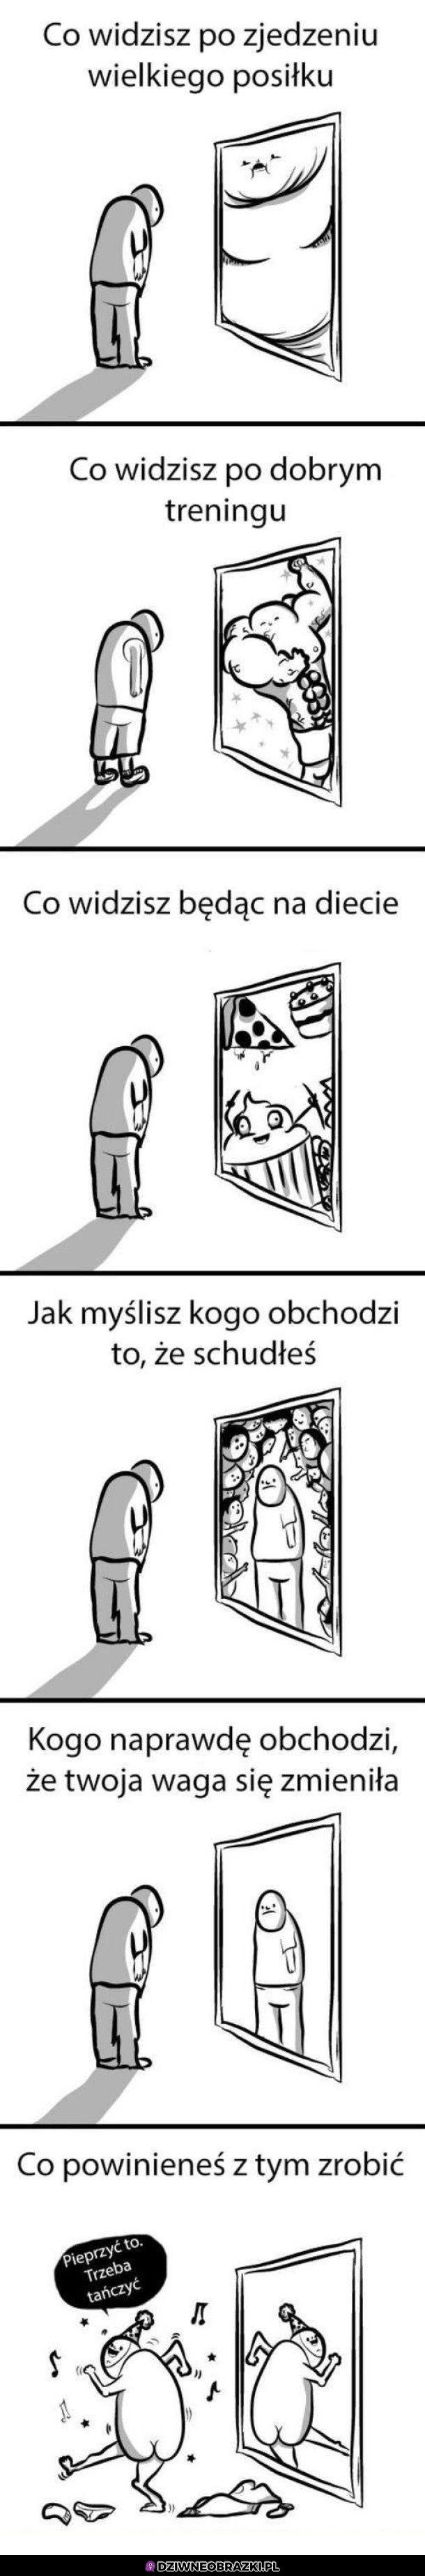 Co widzisz w lustrze?